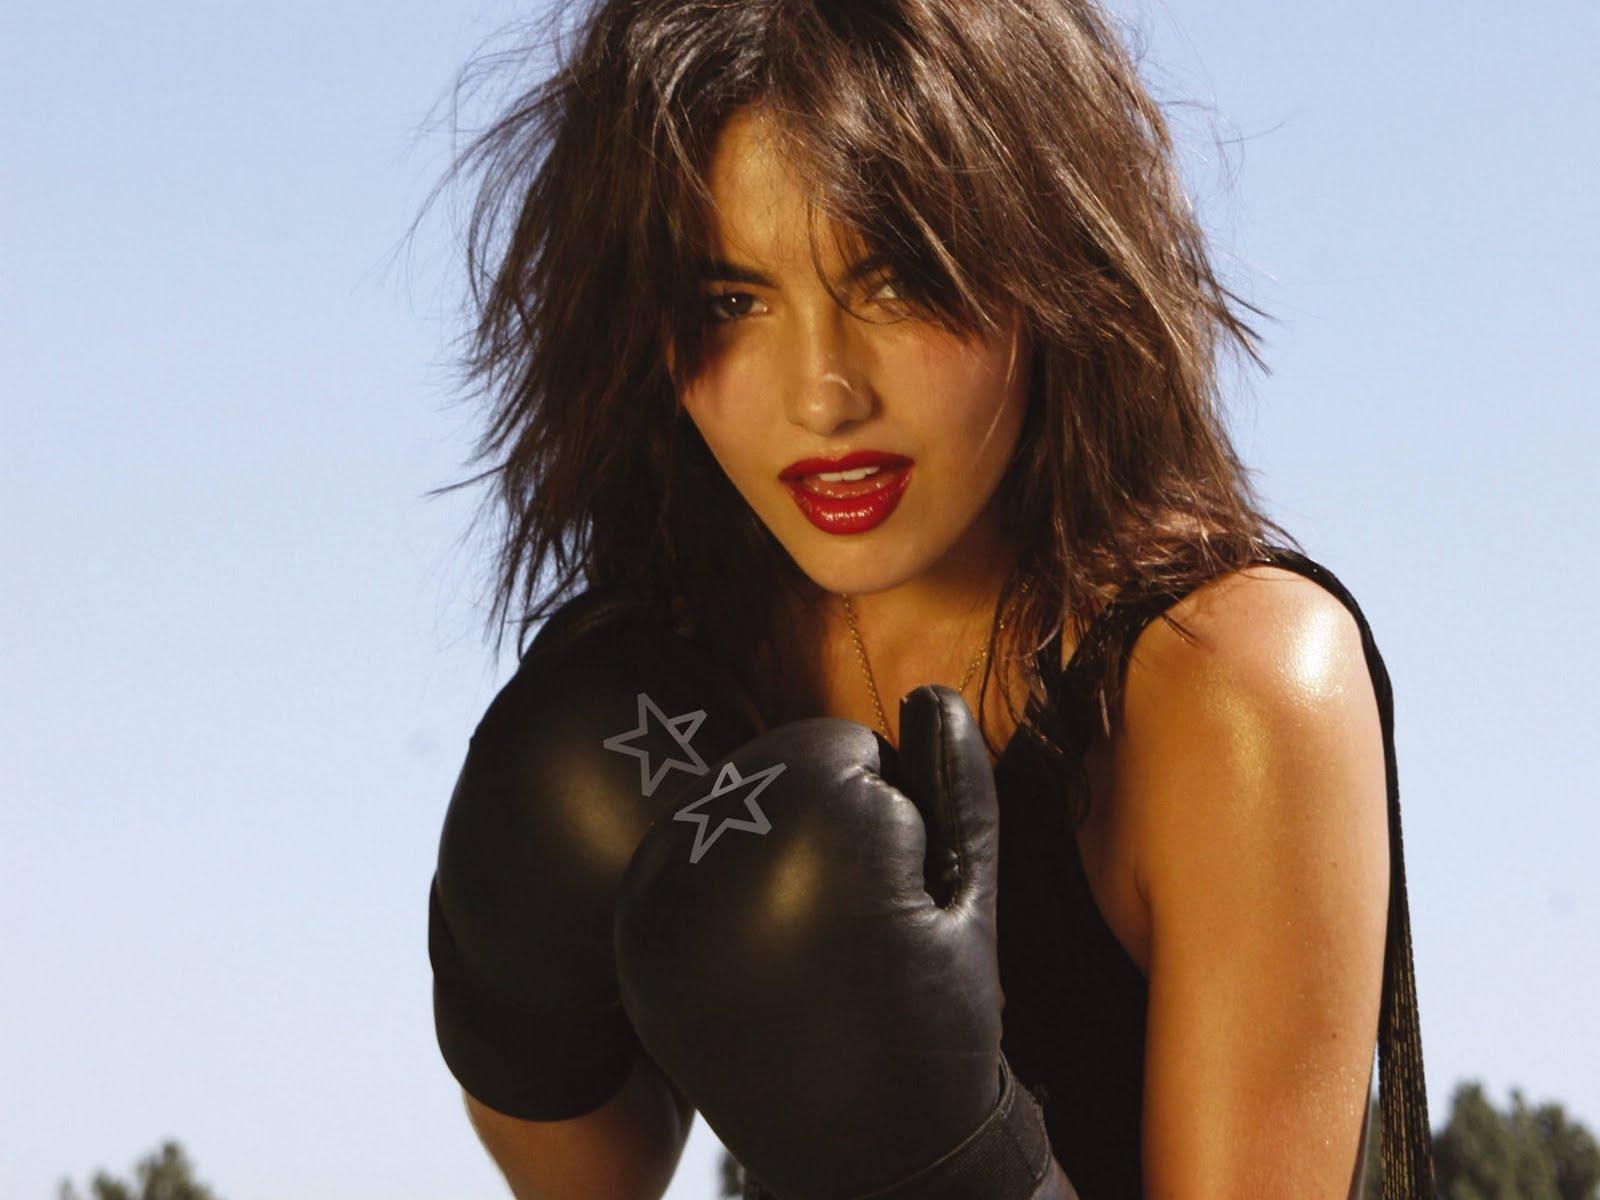 http://4.bp.blogspot.com/-Cs0Cg7eFSjw/TmS70MqKUXI/AAAAAAAAA_c/1xfquu68iMo/s1600/Hot+Camilla+Belle+Pictures+%252814%2529.jpg